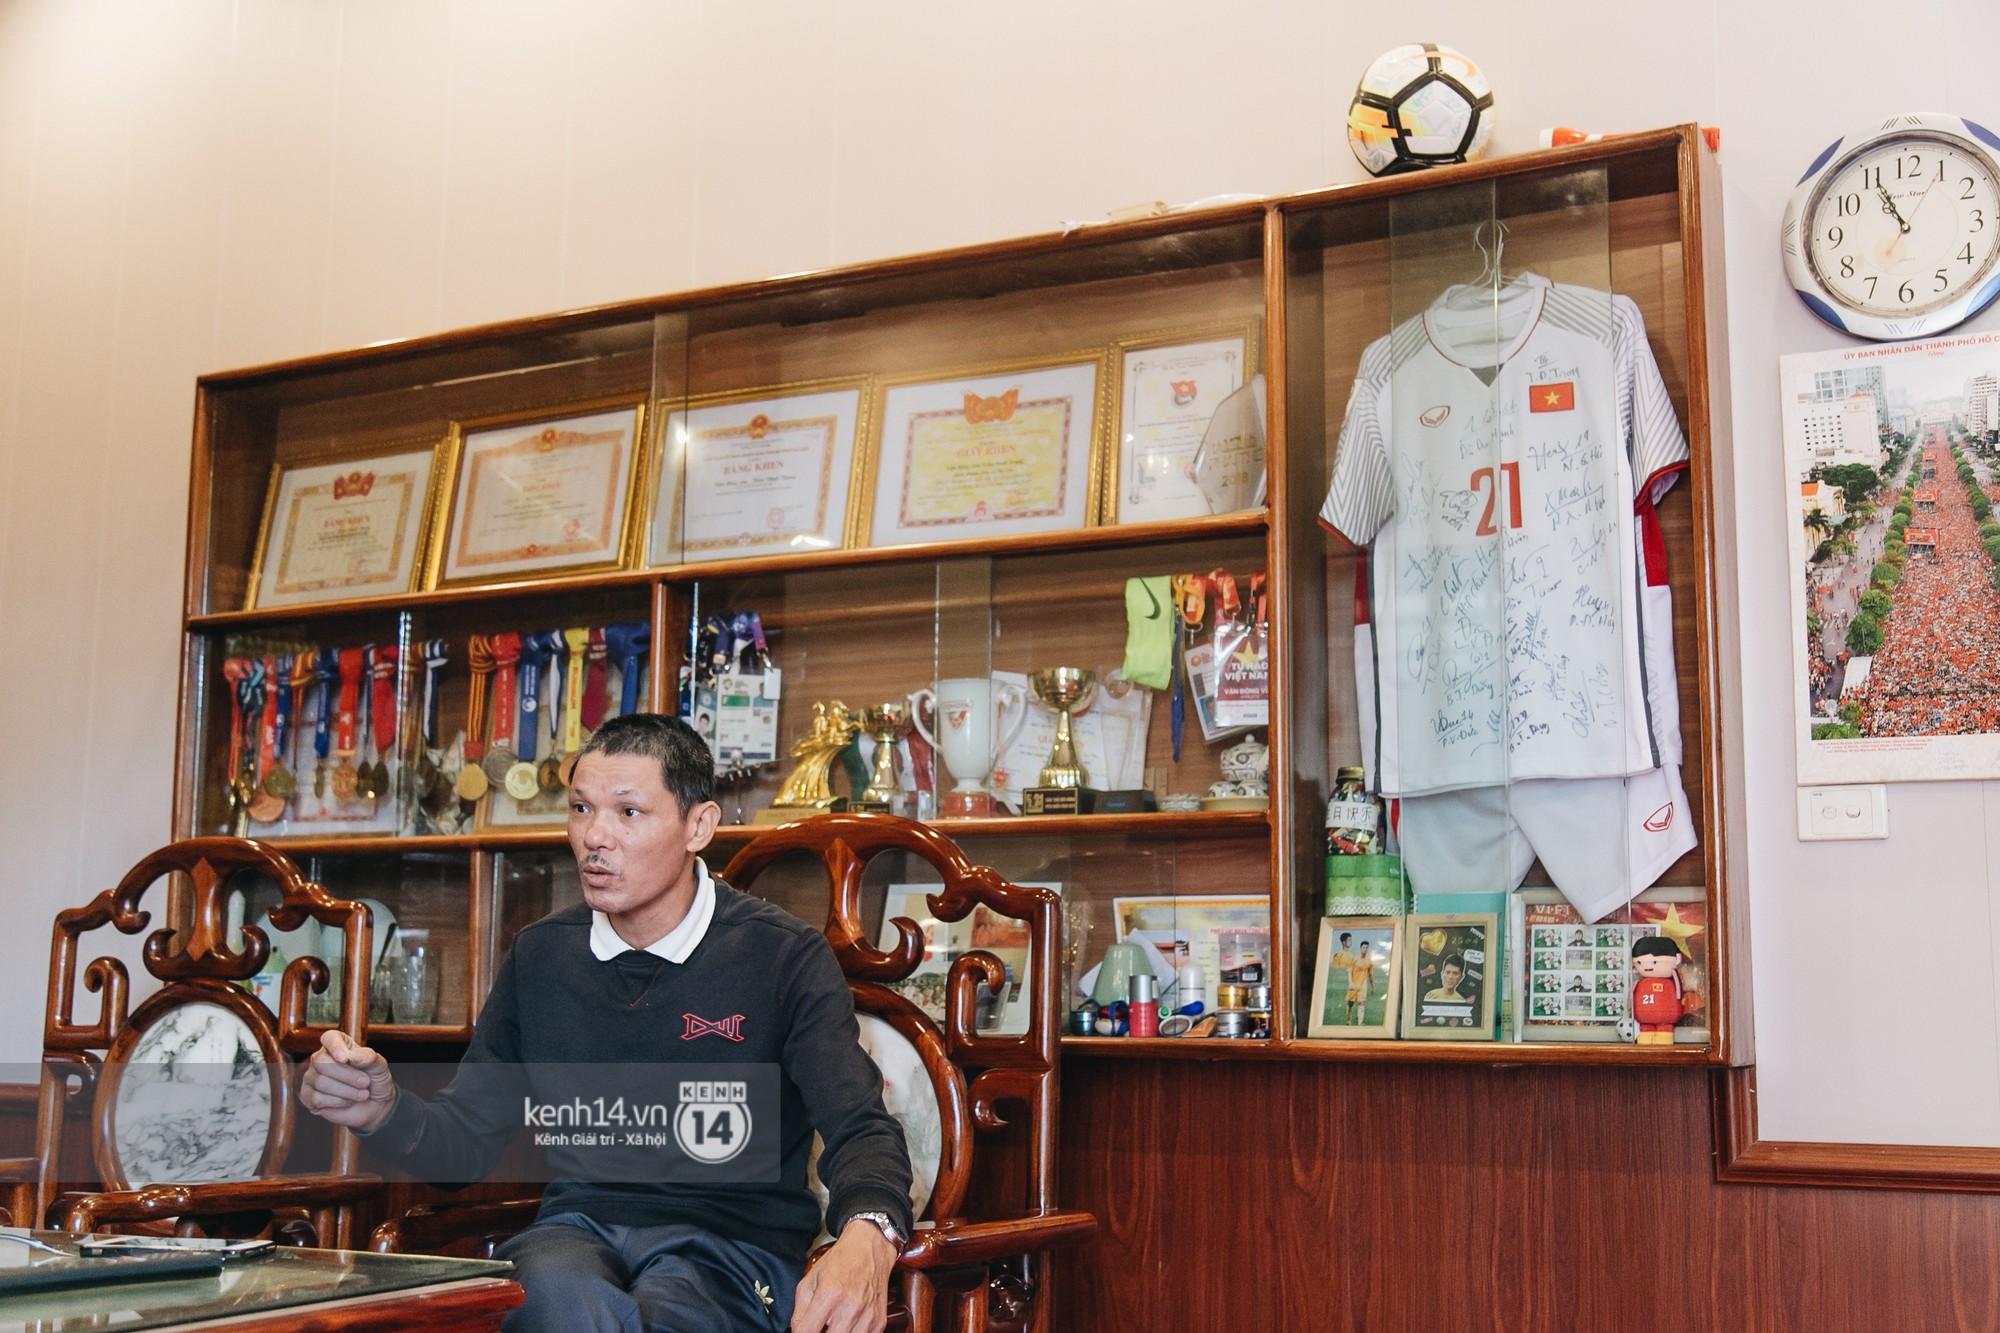 Gặp anh chàng sơ vin Đình Trọng sau AFF Cup: Điều buồn nhất là sẽ phải xa bóng đá rất lâu-3